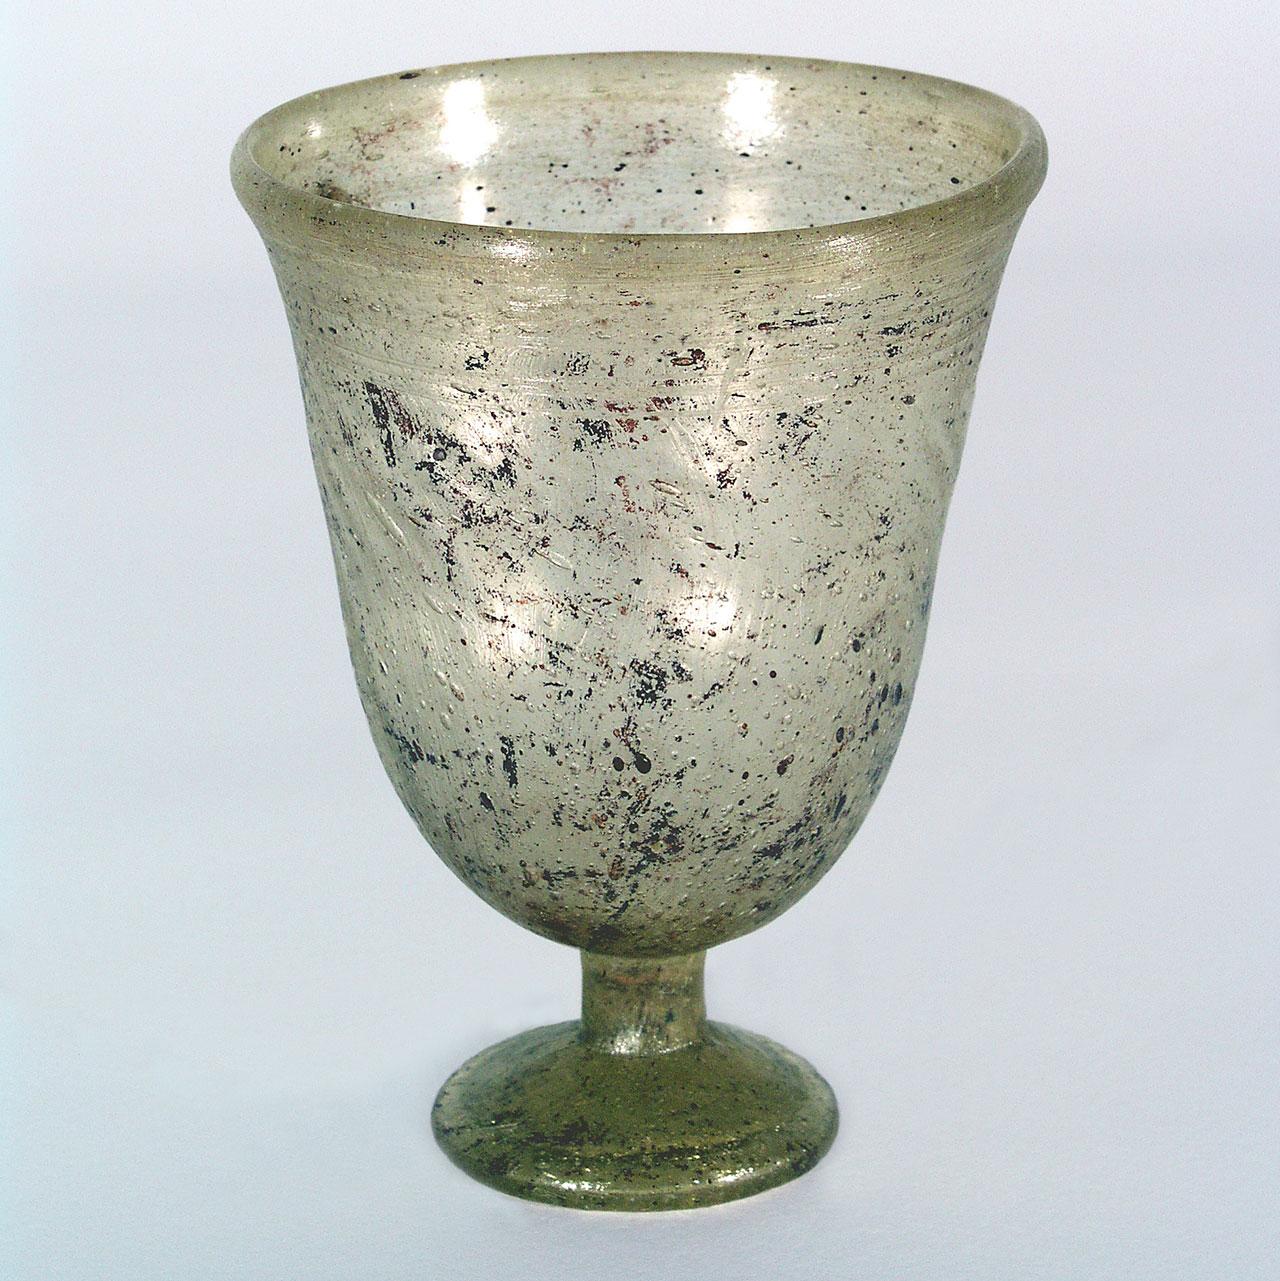 Stengelglas-aus-dem-6Jh-nChr-©-Museen-der-Stadt-Regensburg-Foto-Michael-Preischl